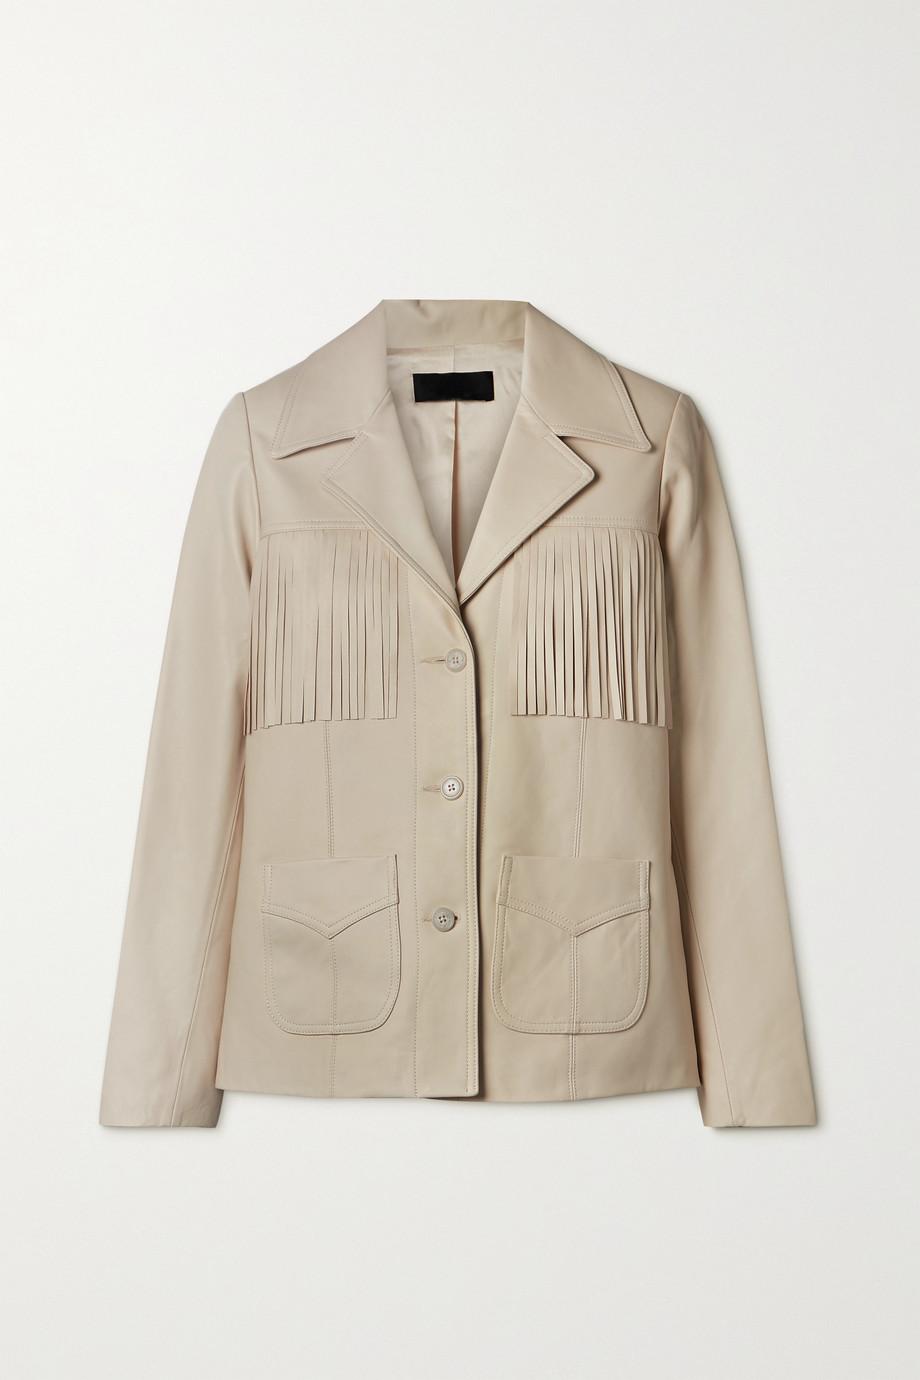 Nili Lotan Carter fringed leather jacket